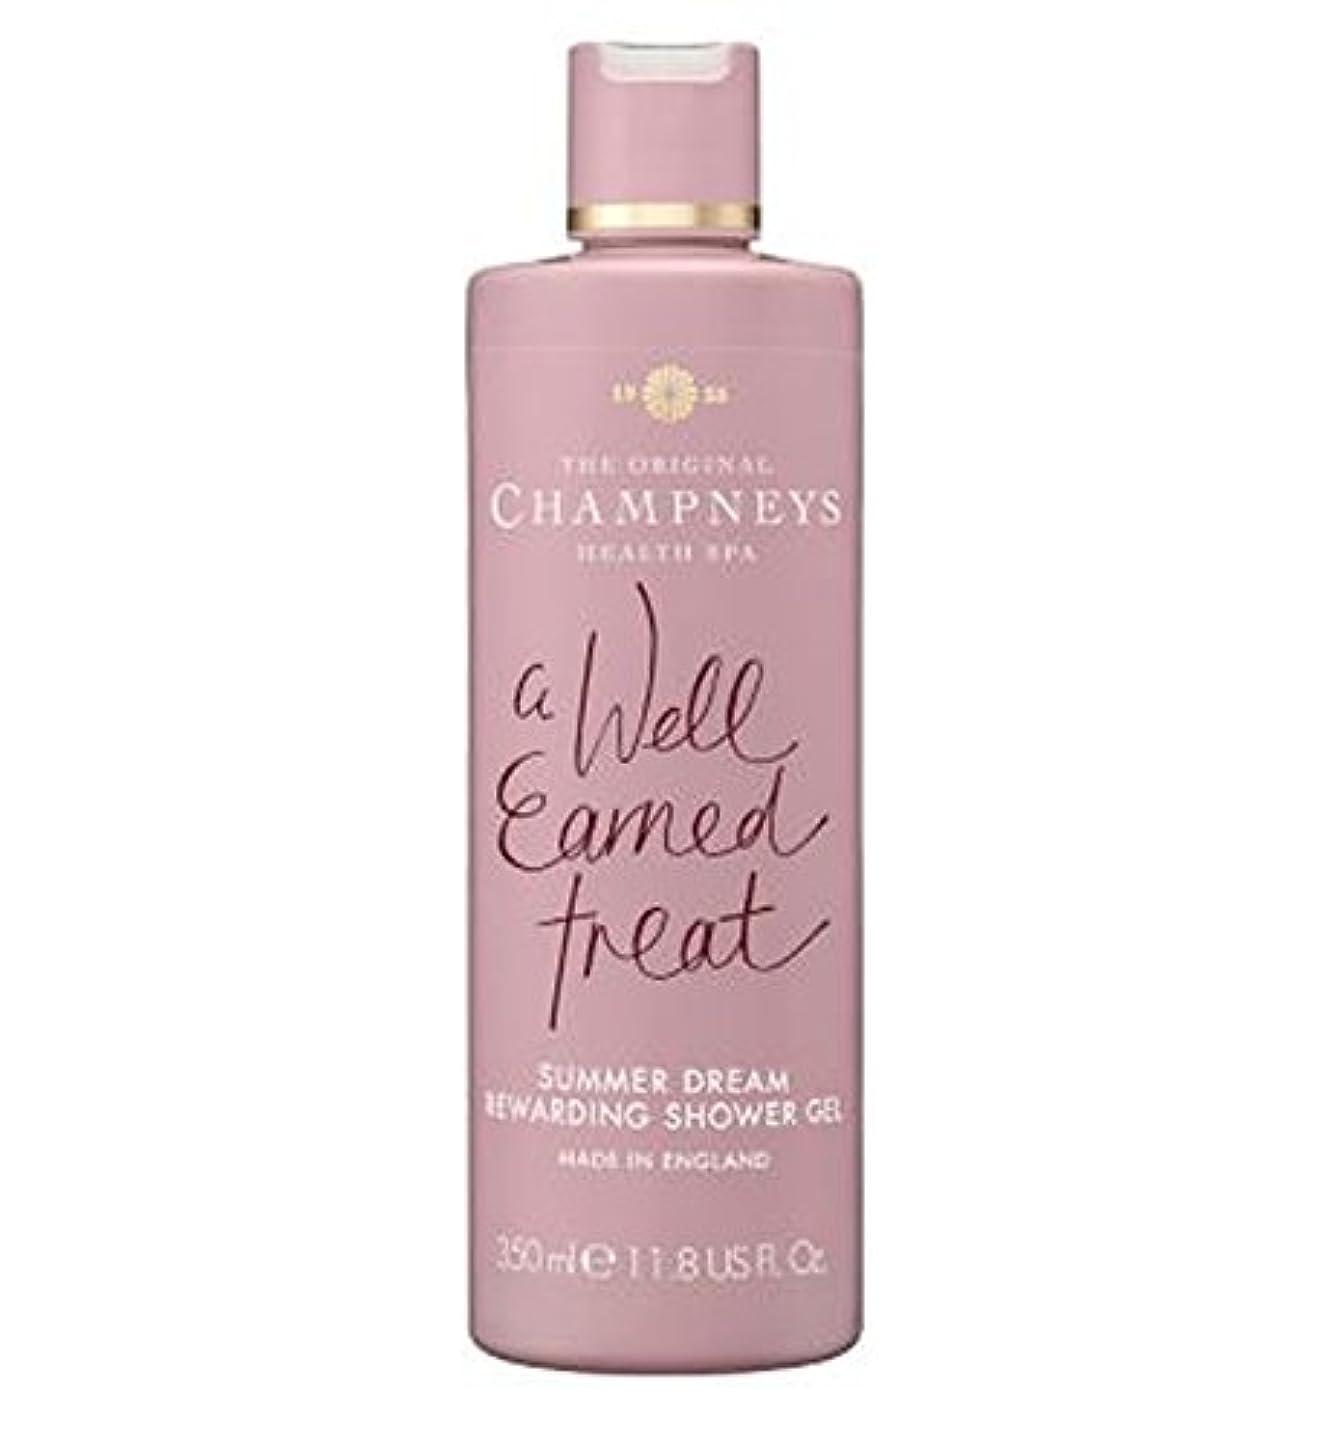 はさみギネスよりChampneys Summer Dream Rewarding Shower Gel 350ml - チャンプニーズの夏の夢やりがいのシャワージェル350ミリリットル (Champneys) [並行輸入品]